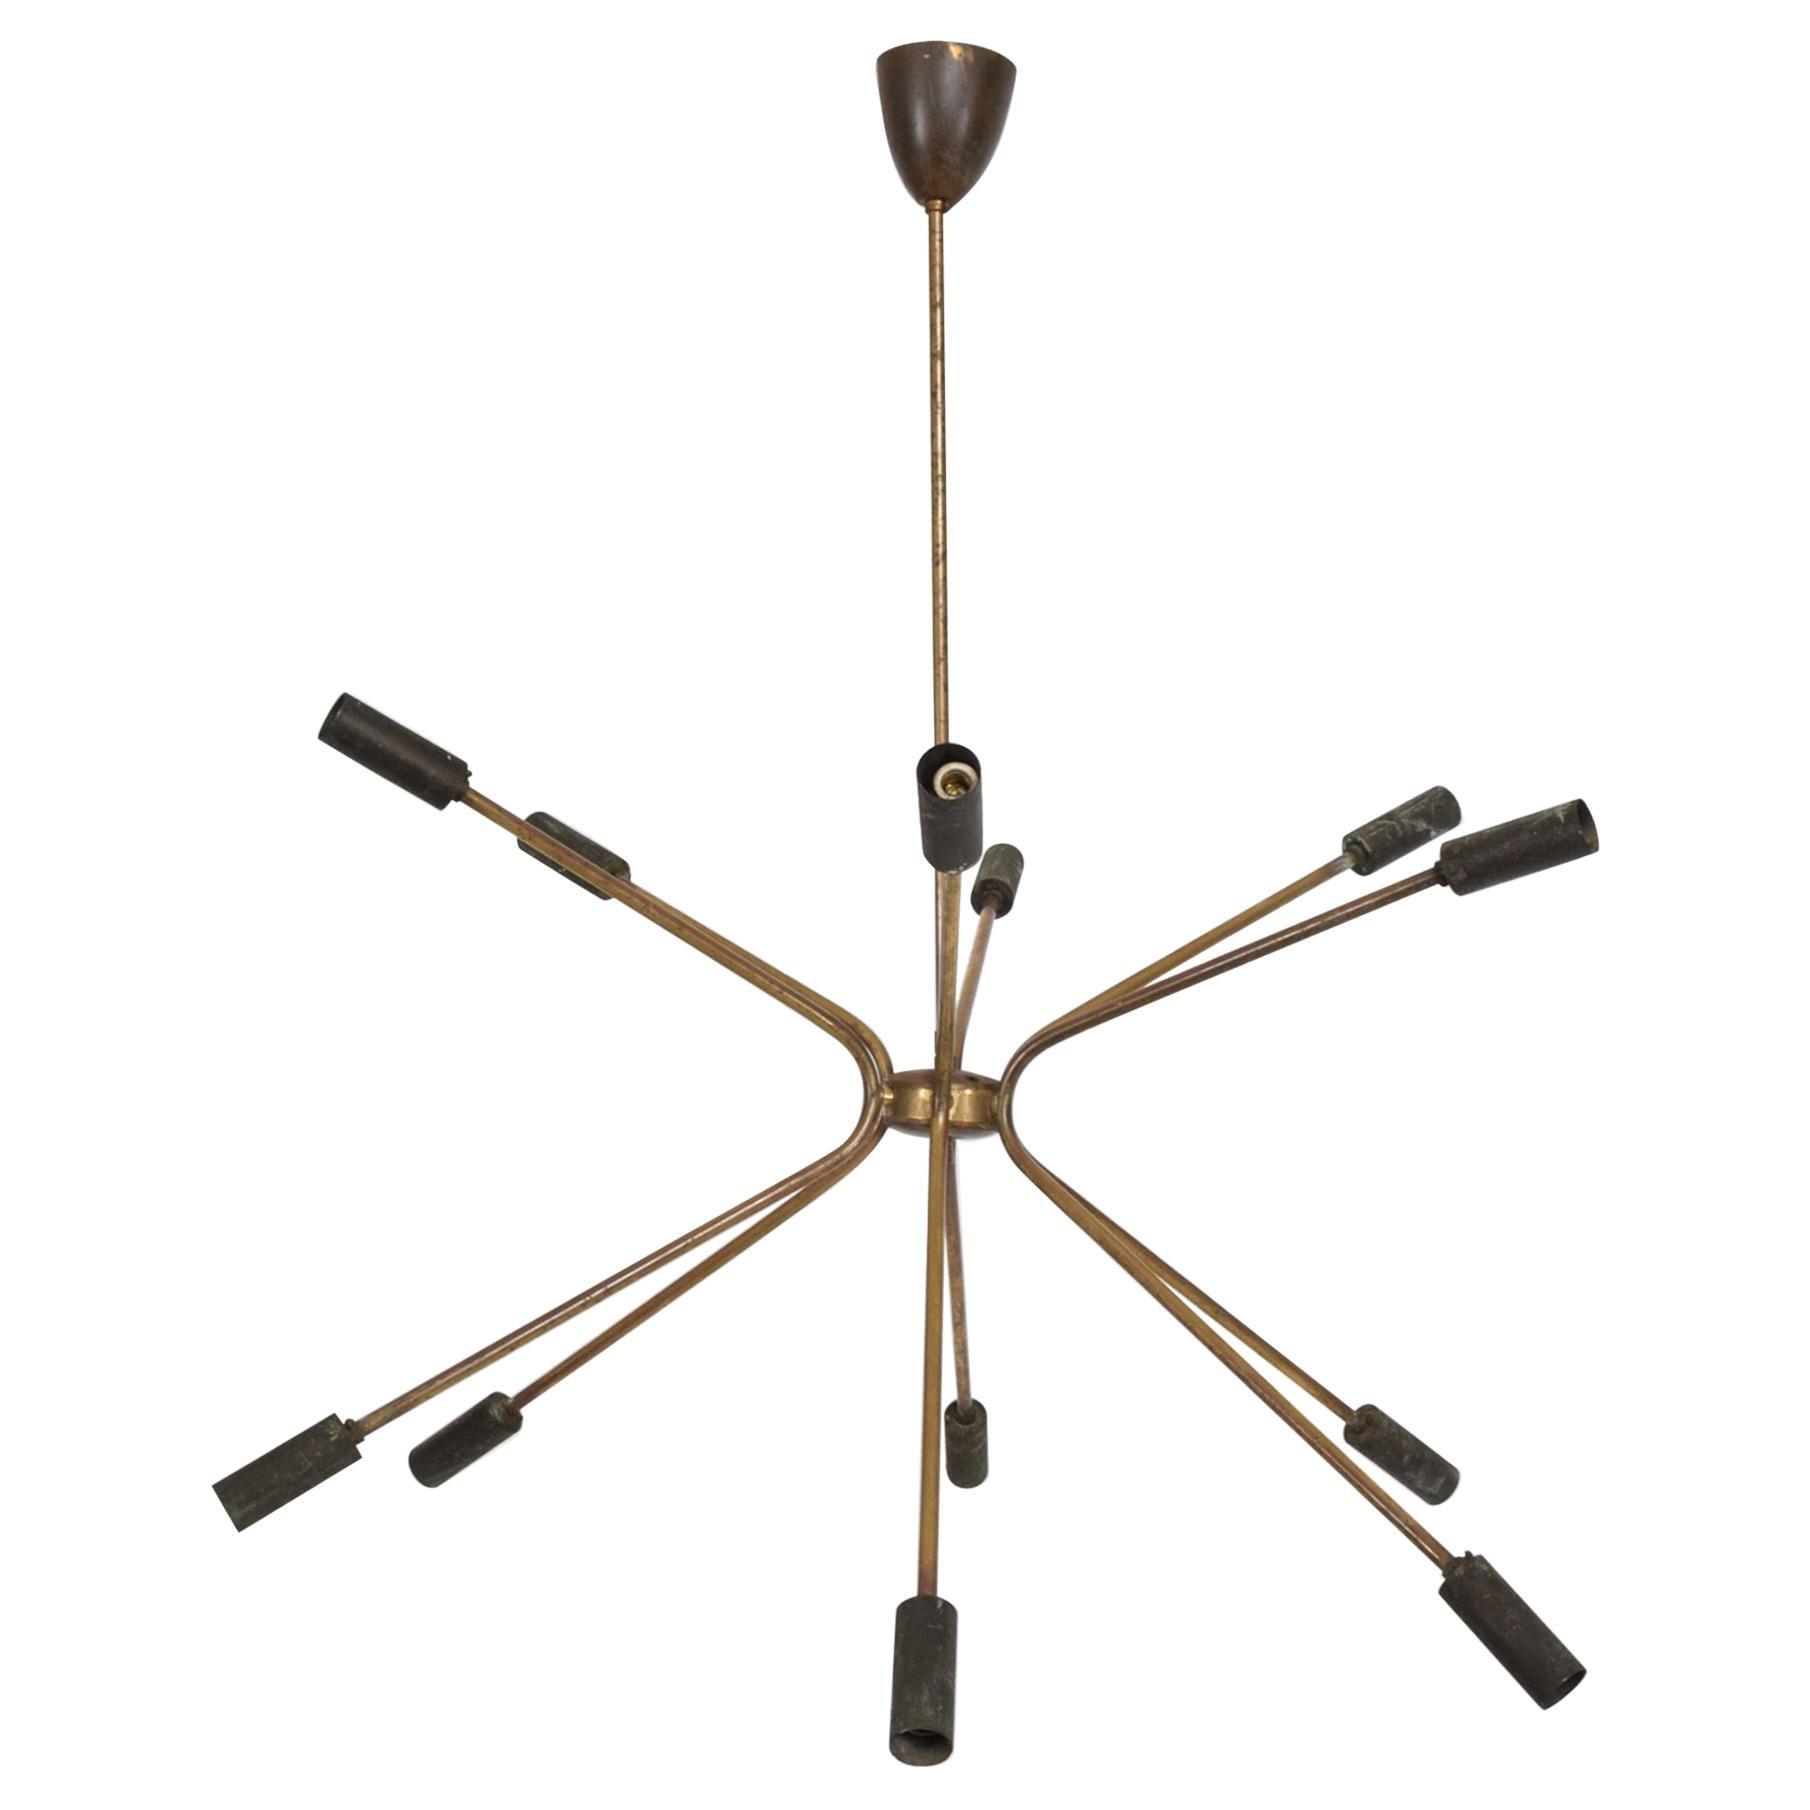 1950s Sputnik Modern by Stilnovo Patinated Brass Chandelier 8 Bulb Lamp Italy